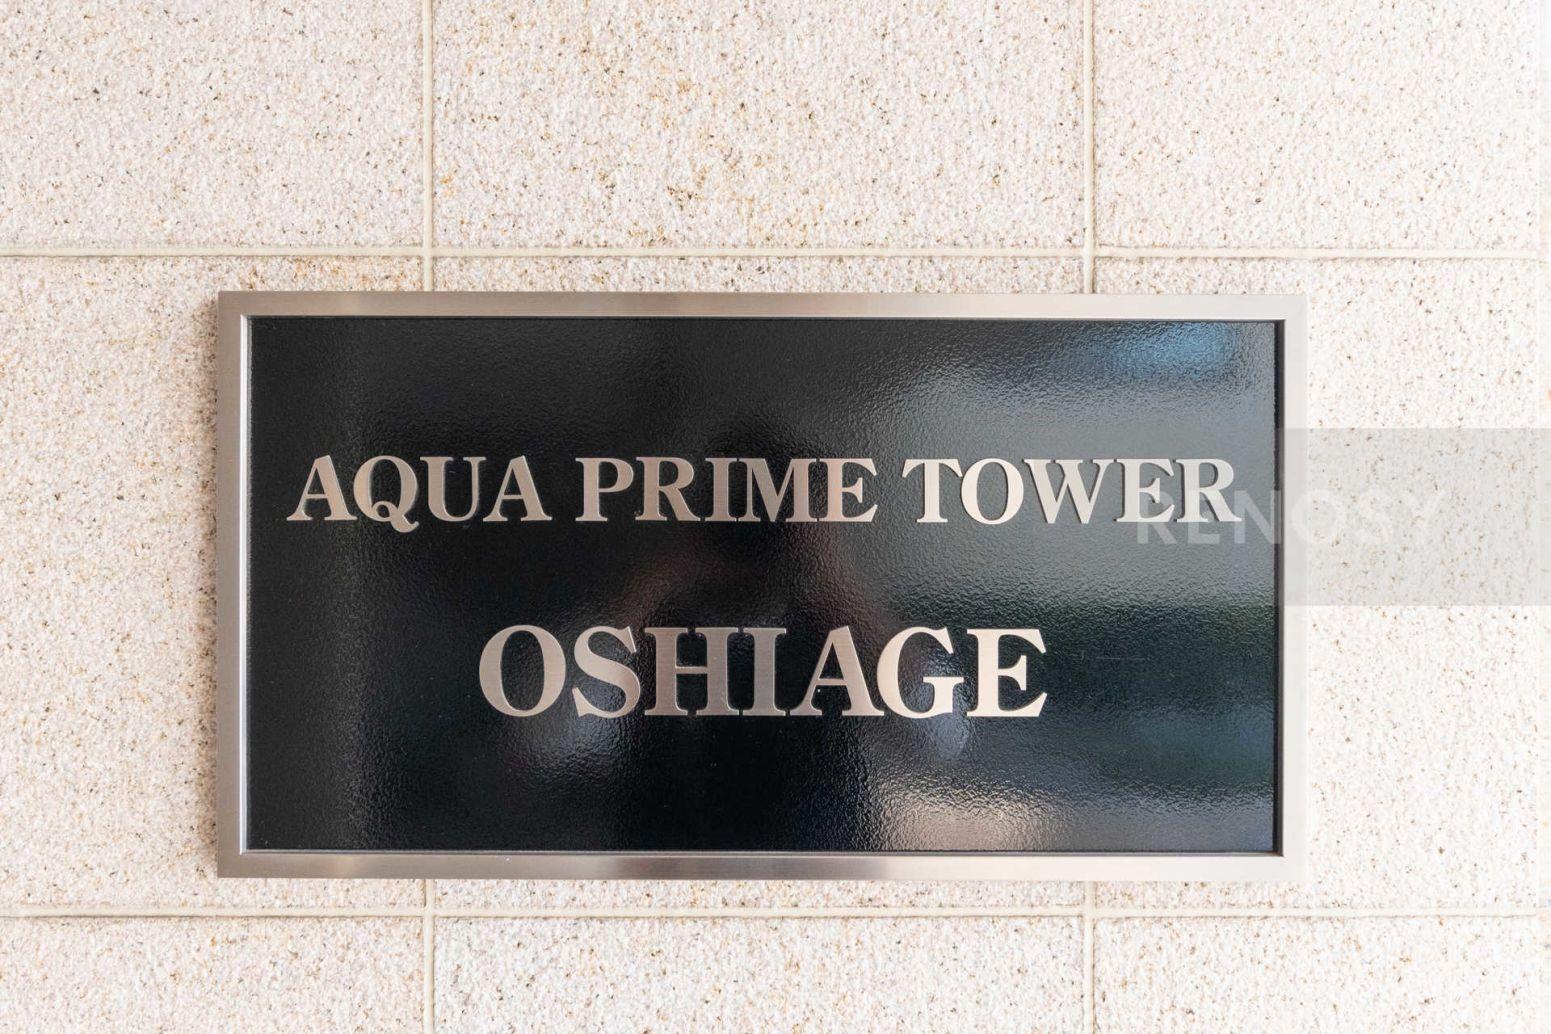 AQUA PRIME TOWER OSHIAGE